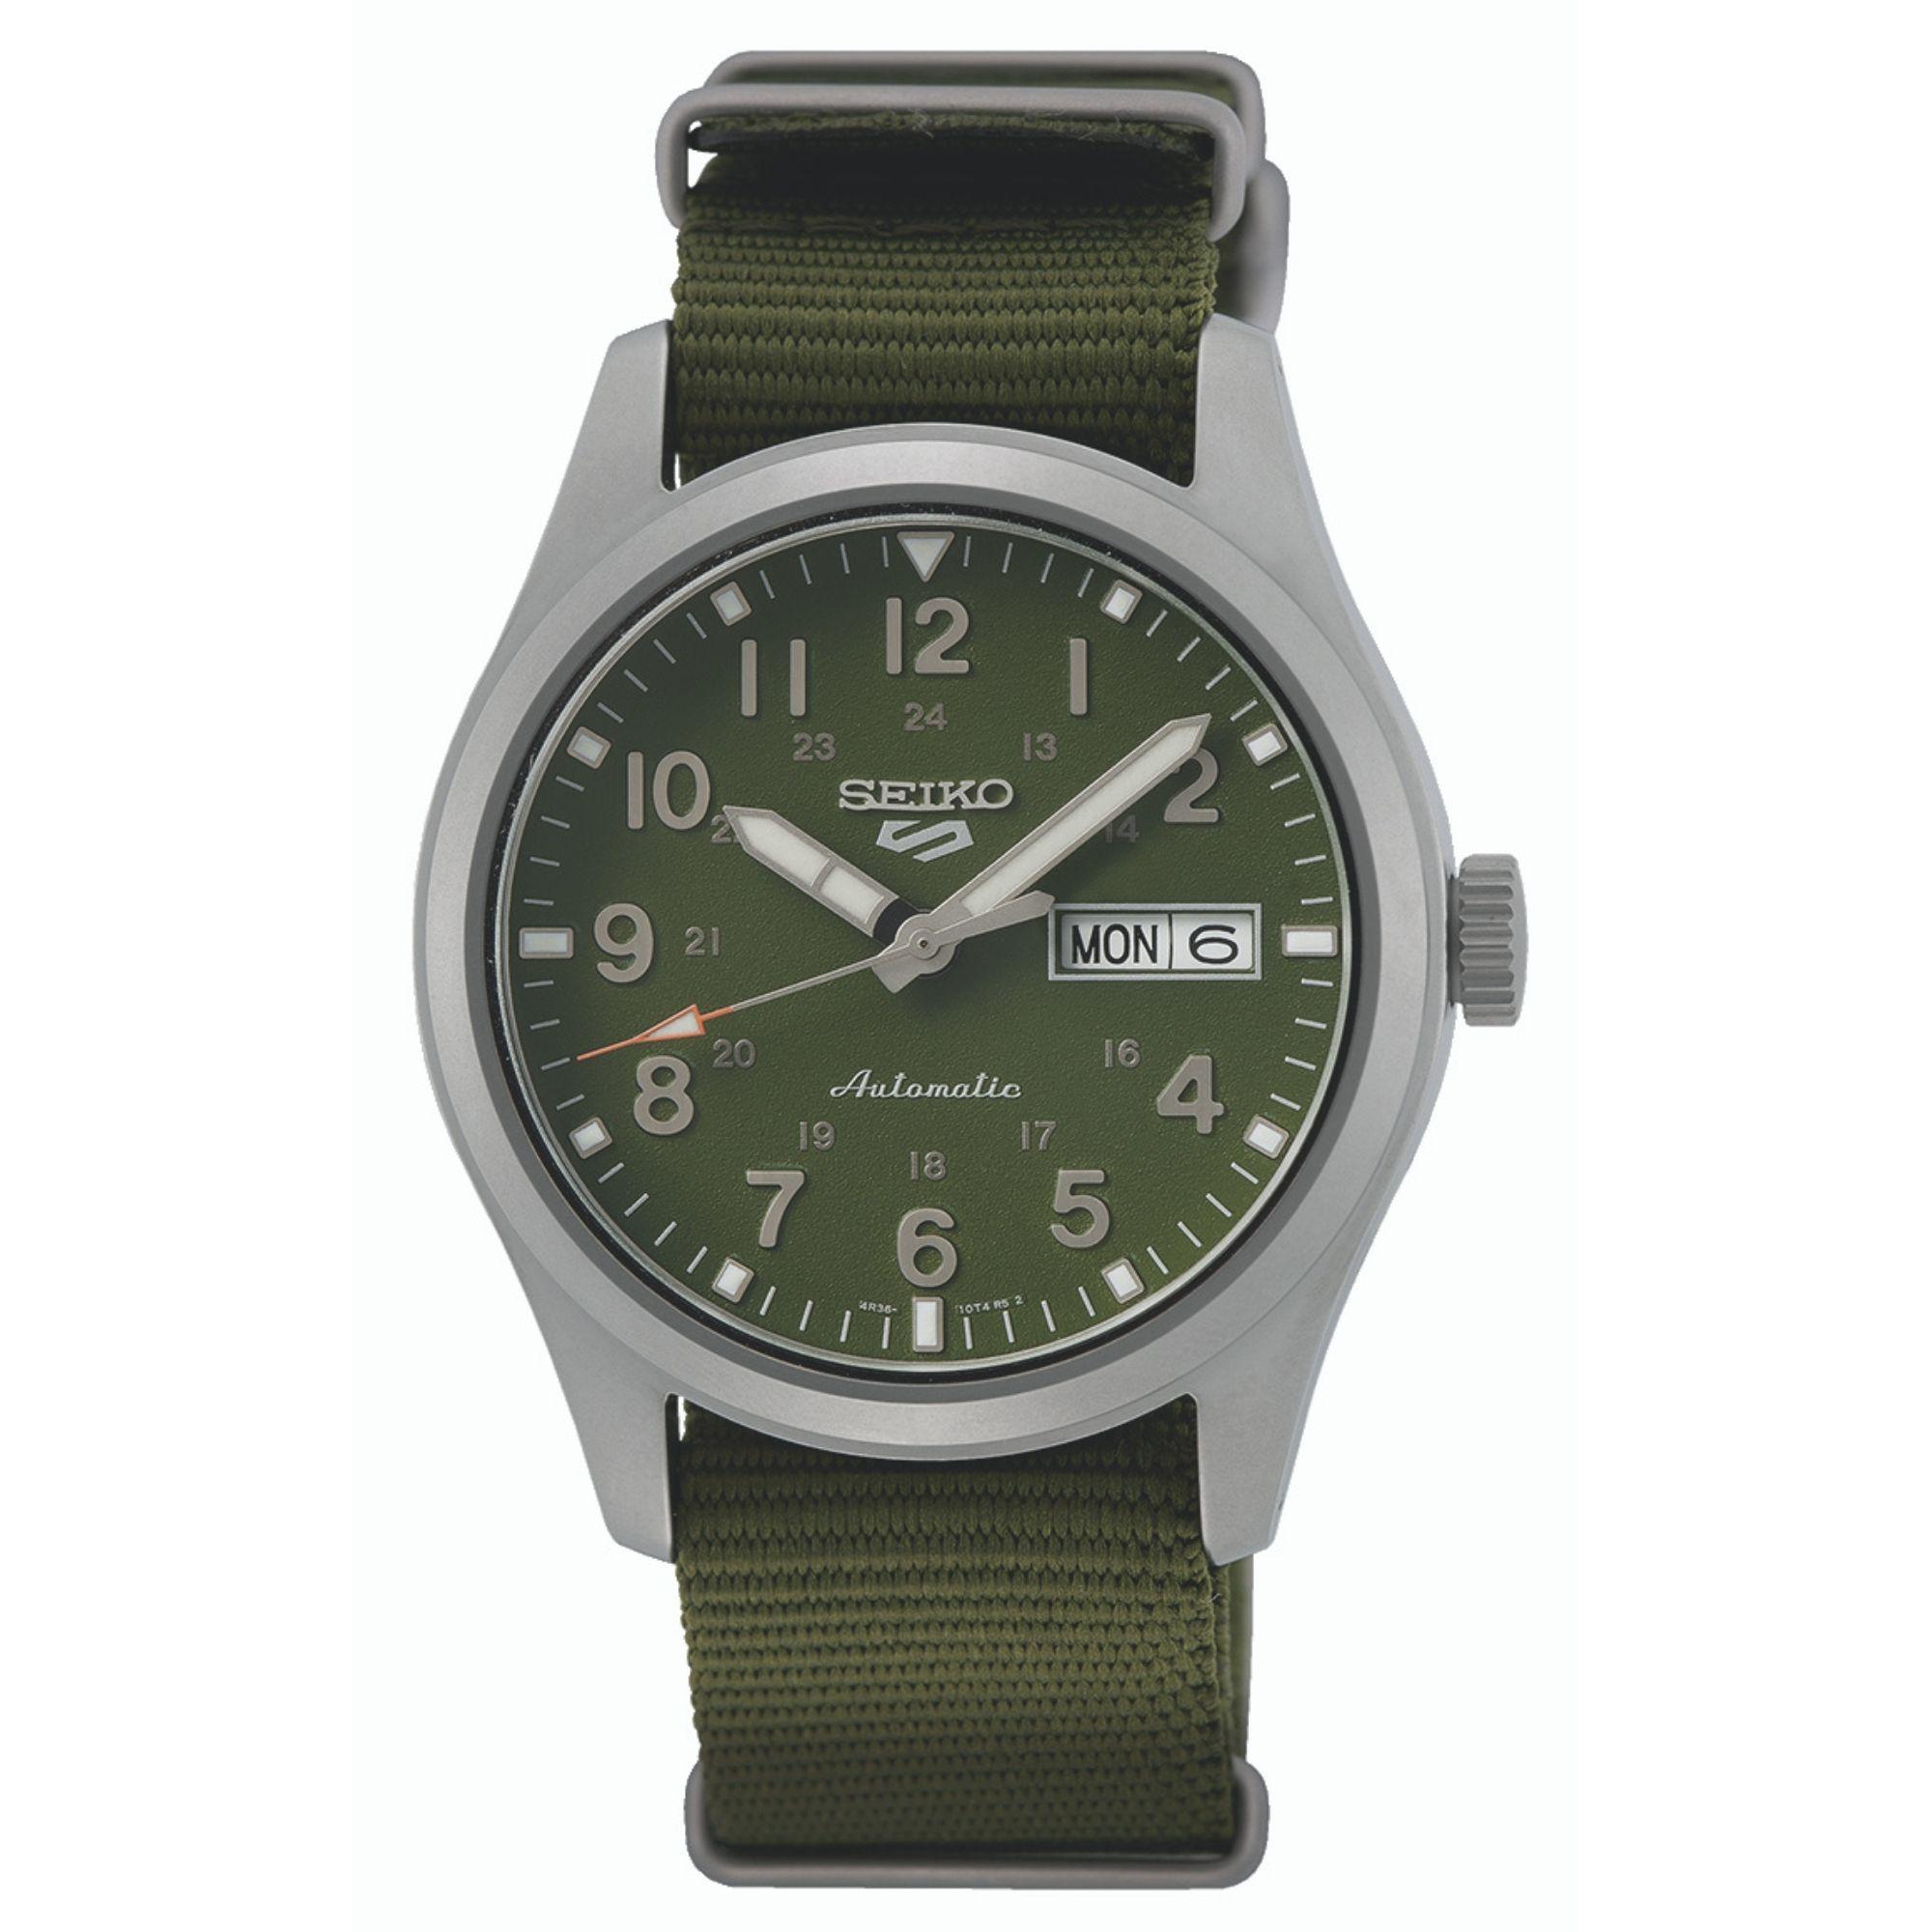 Seiko 5 Sports Automatic Movement Green Dial Nylon Bracelet Men's Watch SRPG33K1